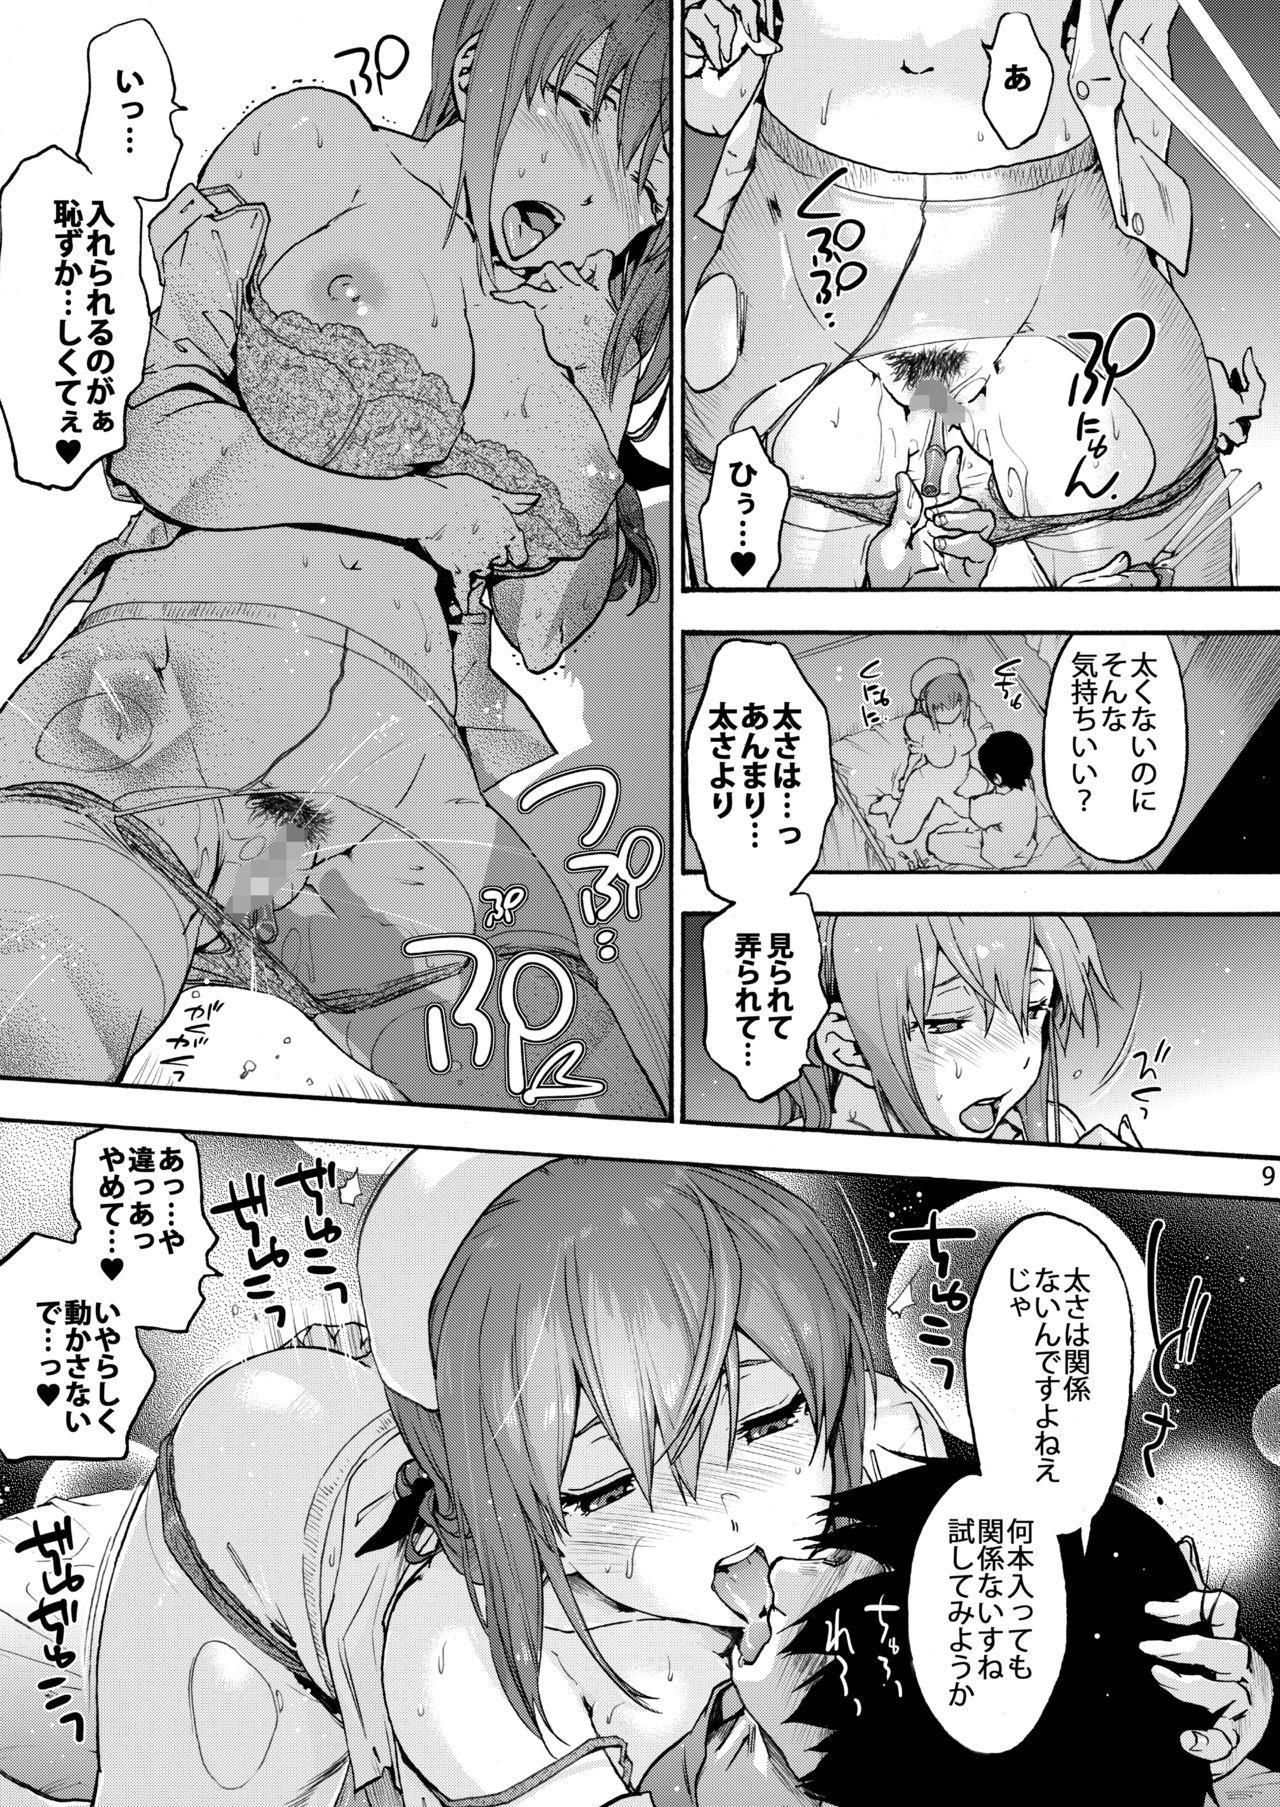 Oyasaka Byouin 2 Iyasi No Morie-san 9